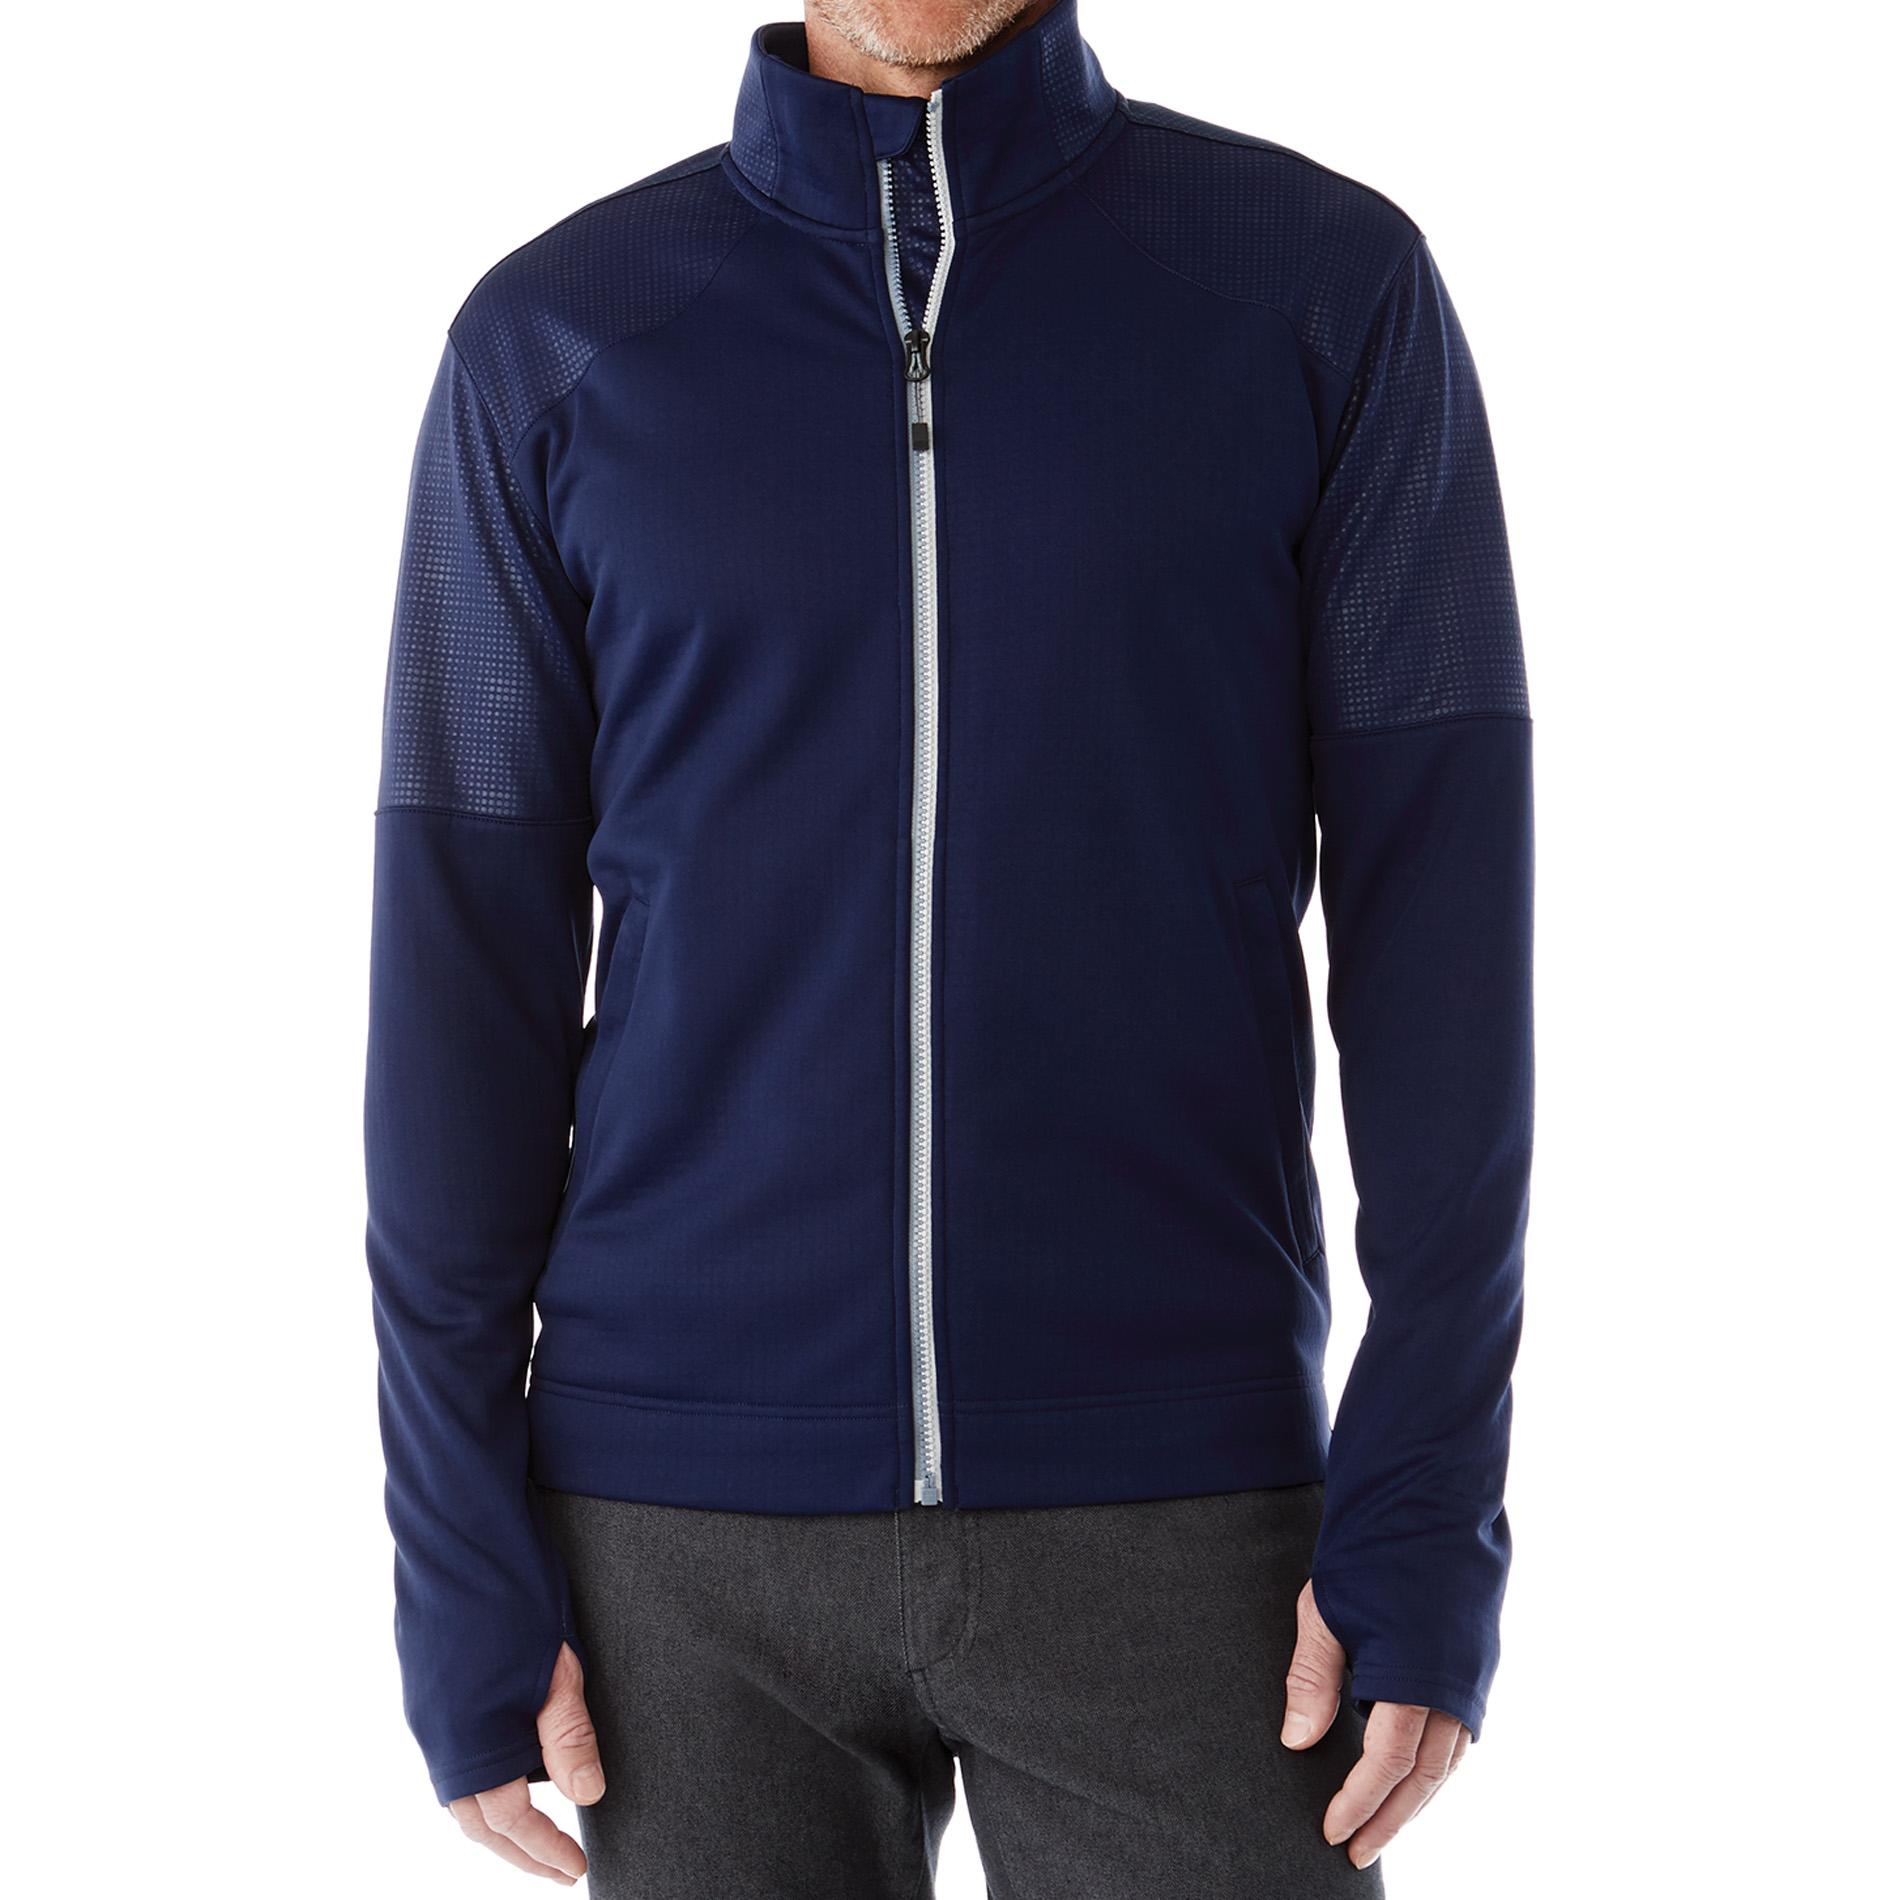 Elevate TM18154 - Men's SENGER Knit Jacket